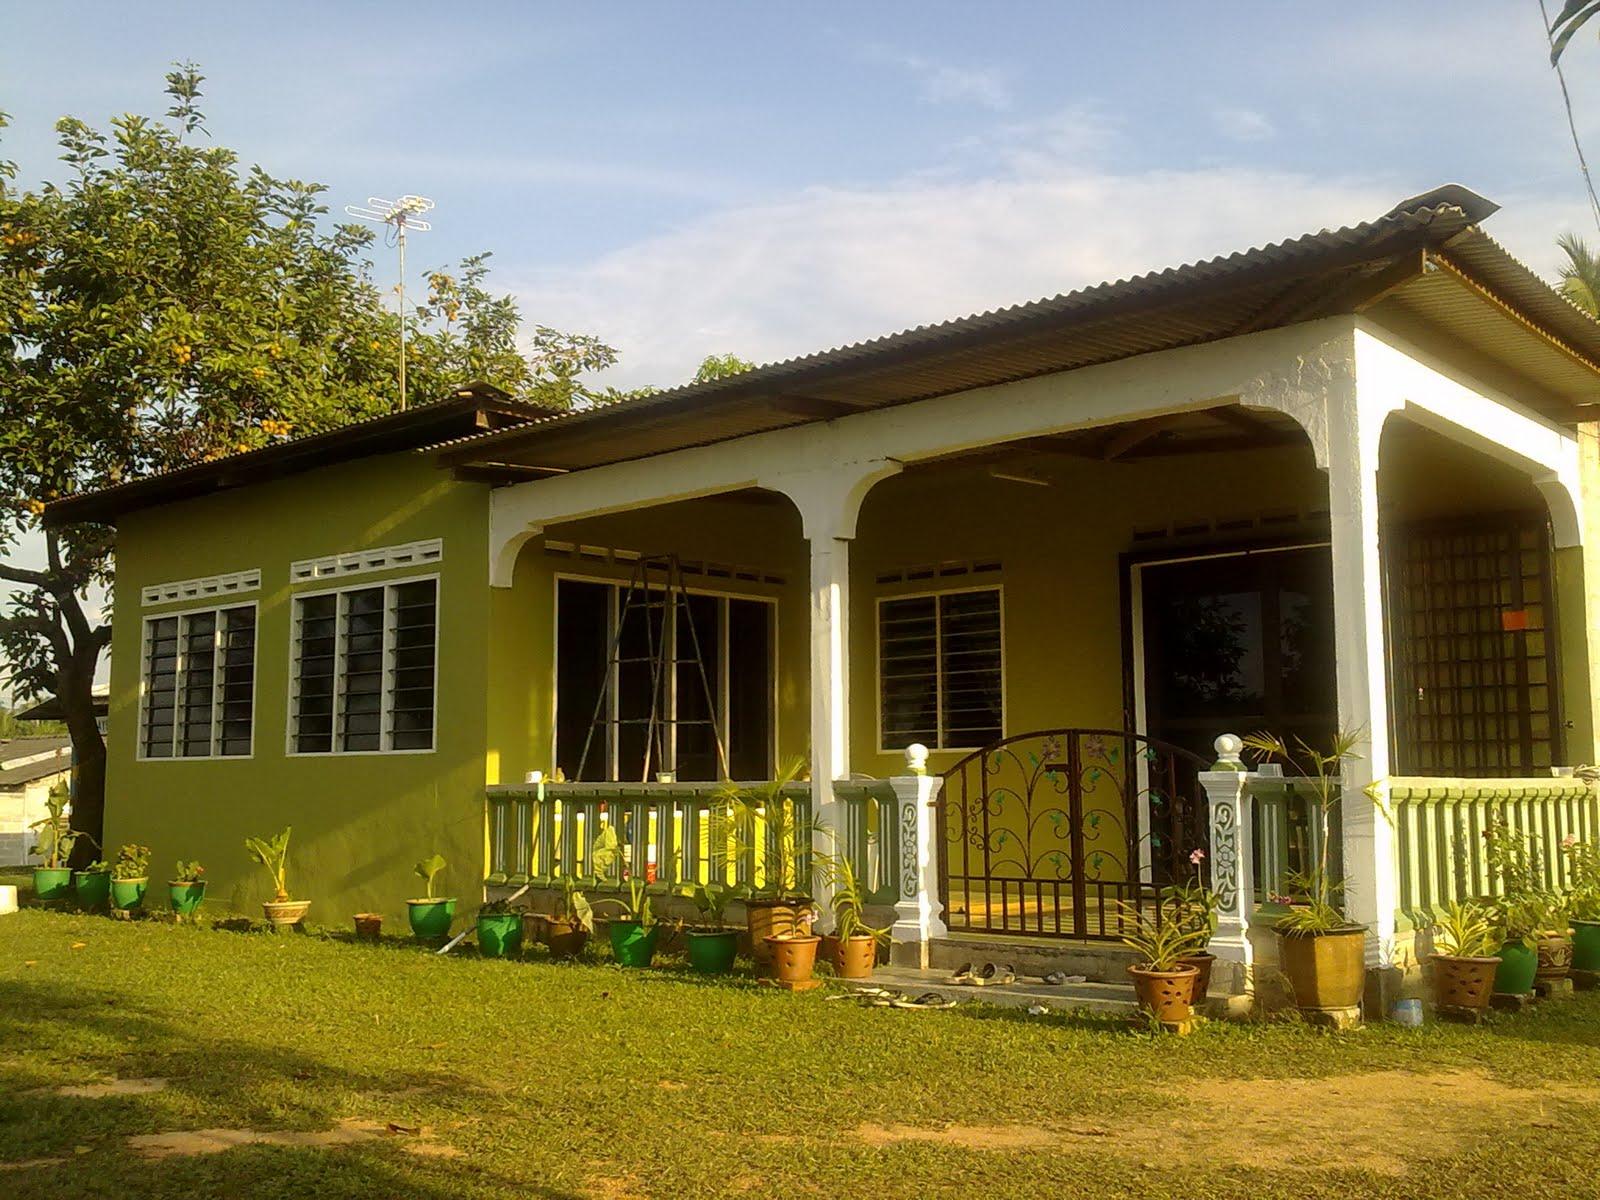 Rumah Depan Ni Bhg Luar Br Tahun Lepas Diplaster So Just Alas Warna Putih Je Dh Ade Kaler2 Tu Abah Jadi Teruja Tgok Rumahnye